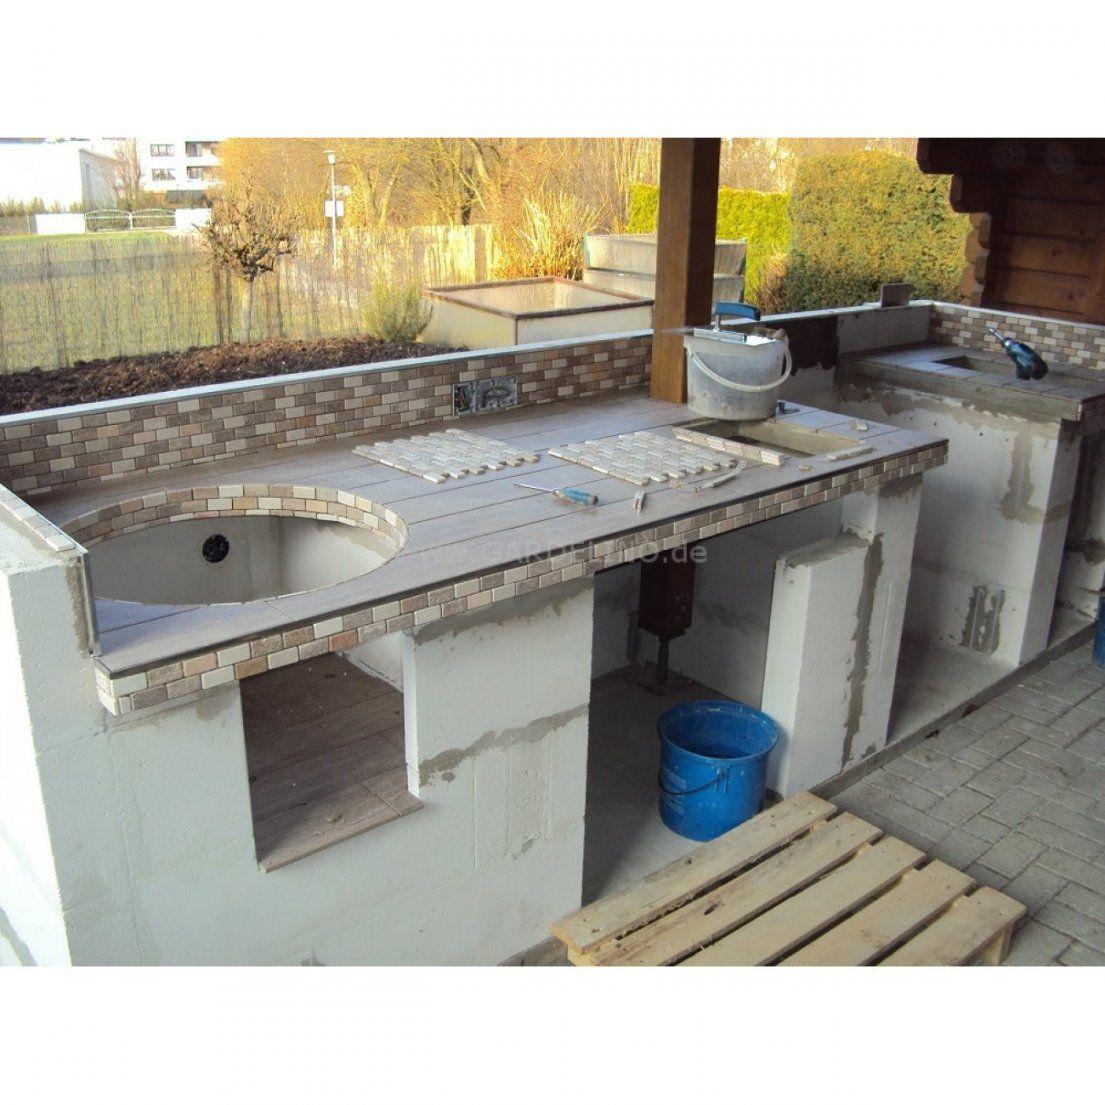 Kuche Selber Bauen von Outdoor Küche Selber Bauen Bild